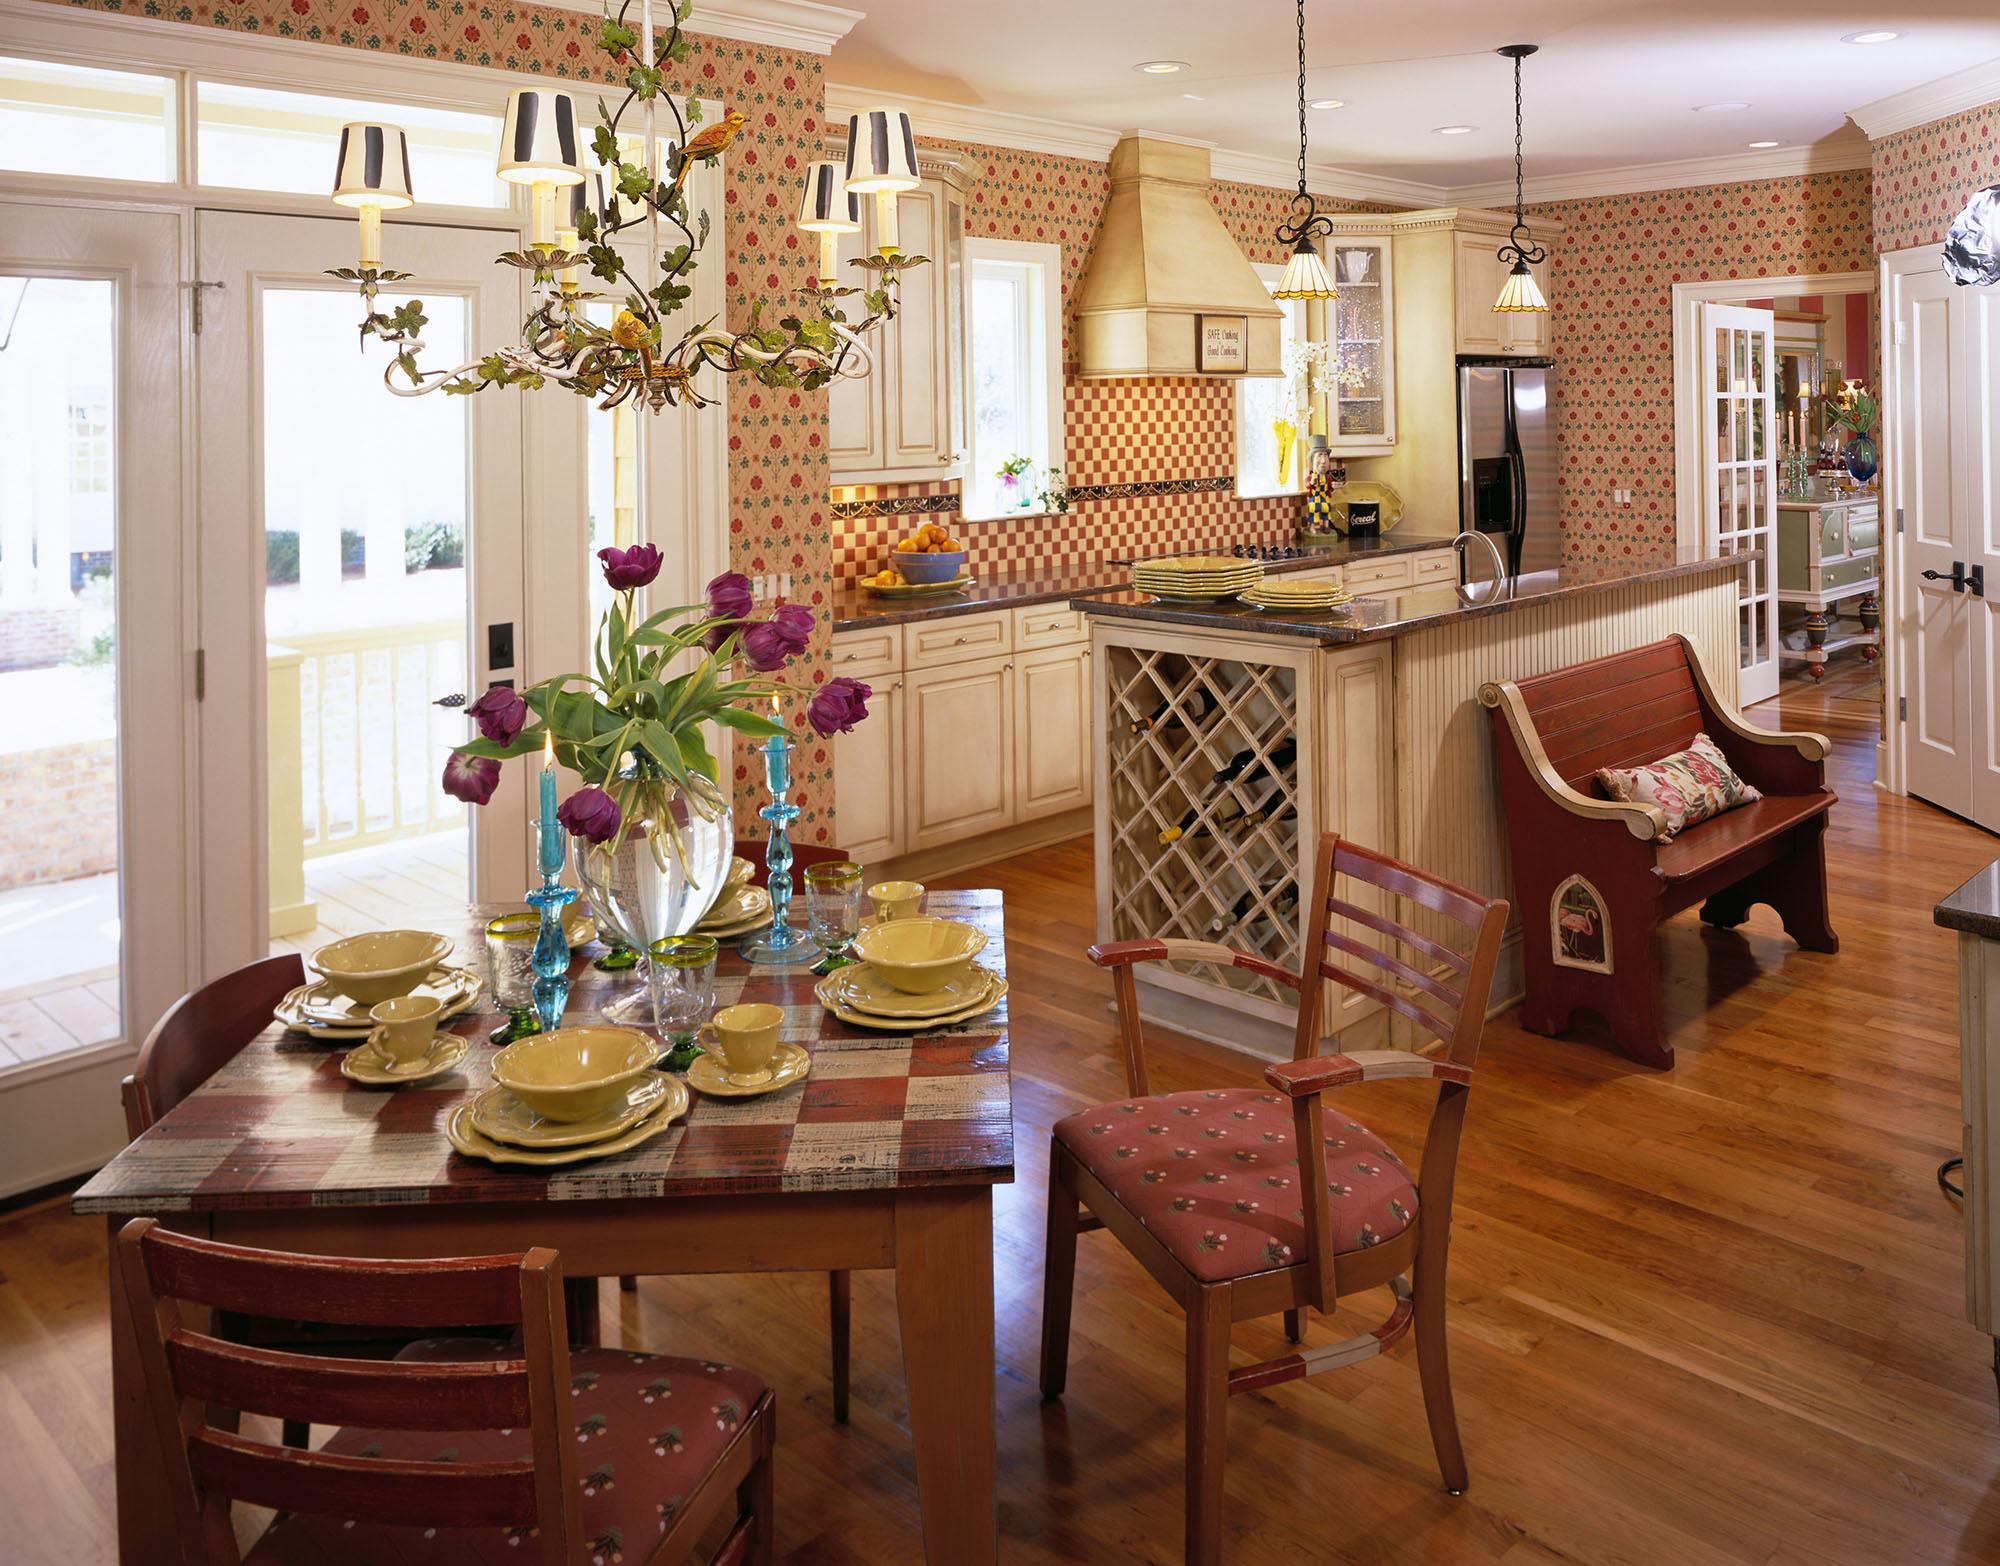 Кремовая кухонная посуда в интерьере